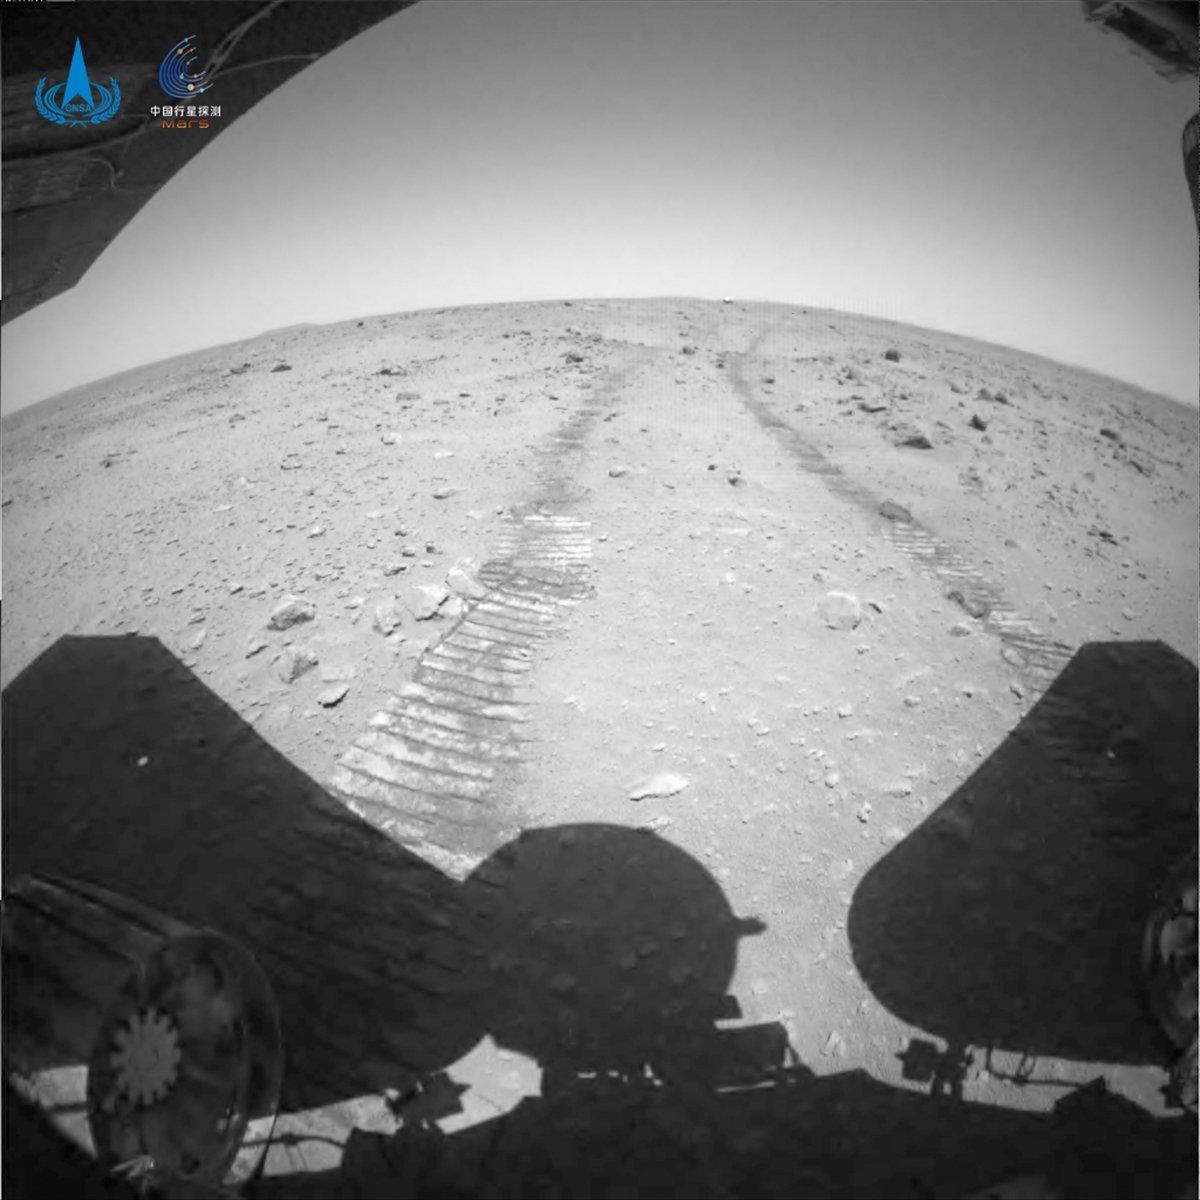 Çin Zhurong uzay aracının Mars tan gönderdiği videolar paylaştı #1